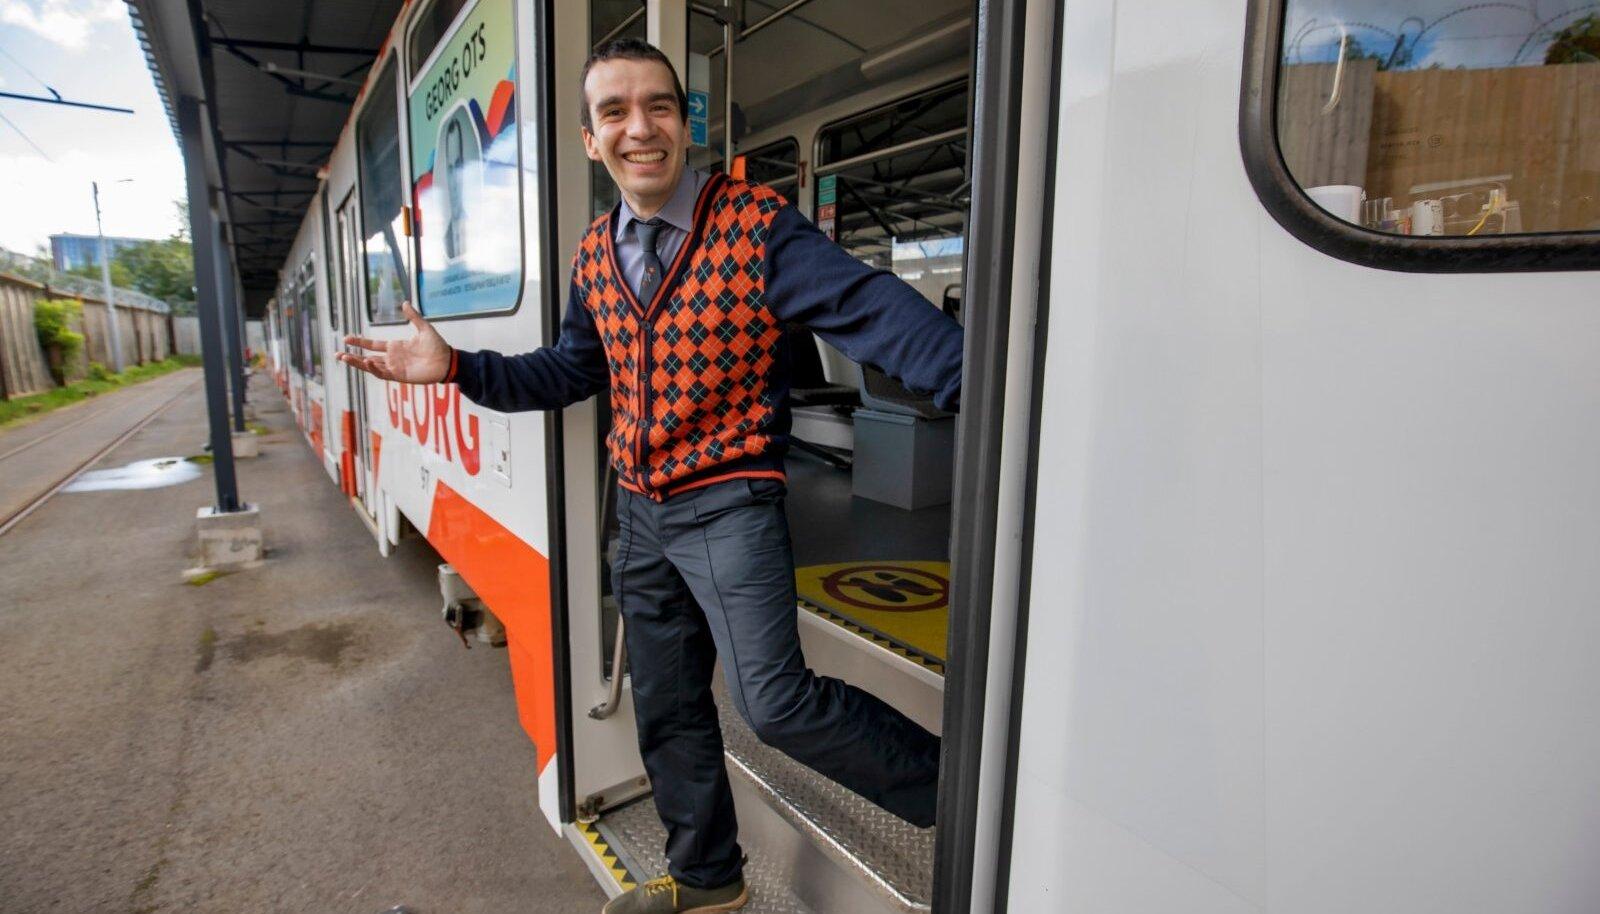 ГЕОРГ ОТС И ПАОЛО ВЕРЧИНИ: Один – в виде изображения на борту трамвая, второй – живьем, стоит в дверях. «Работа у меня хорошая», – утверждает мужчина, который обещает всегда возить пассажиров в хорошем настроении.